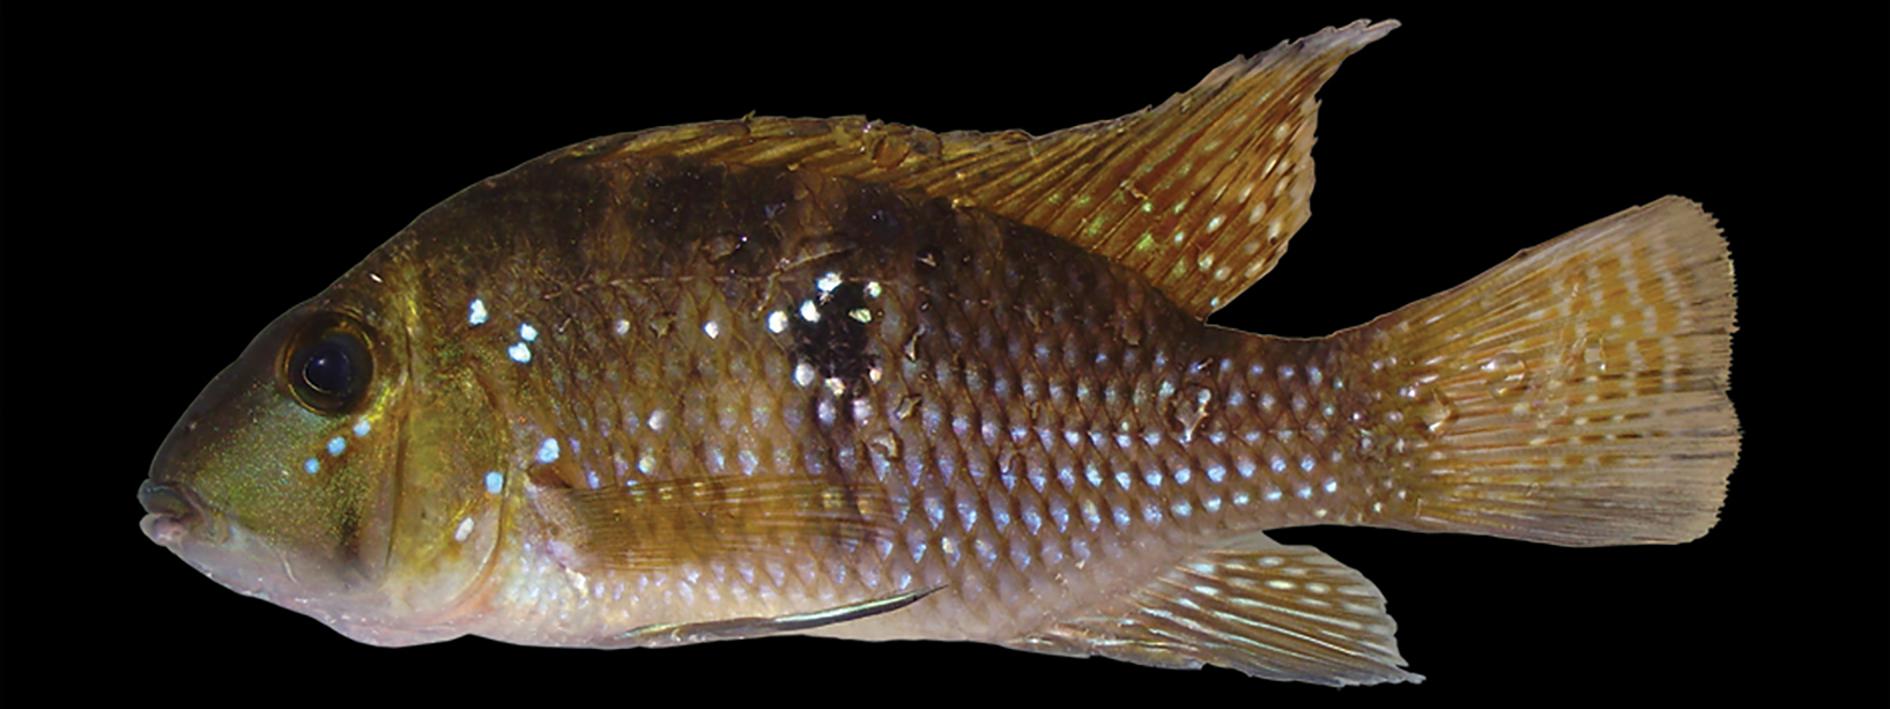 Geophagus brasiliensis